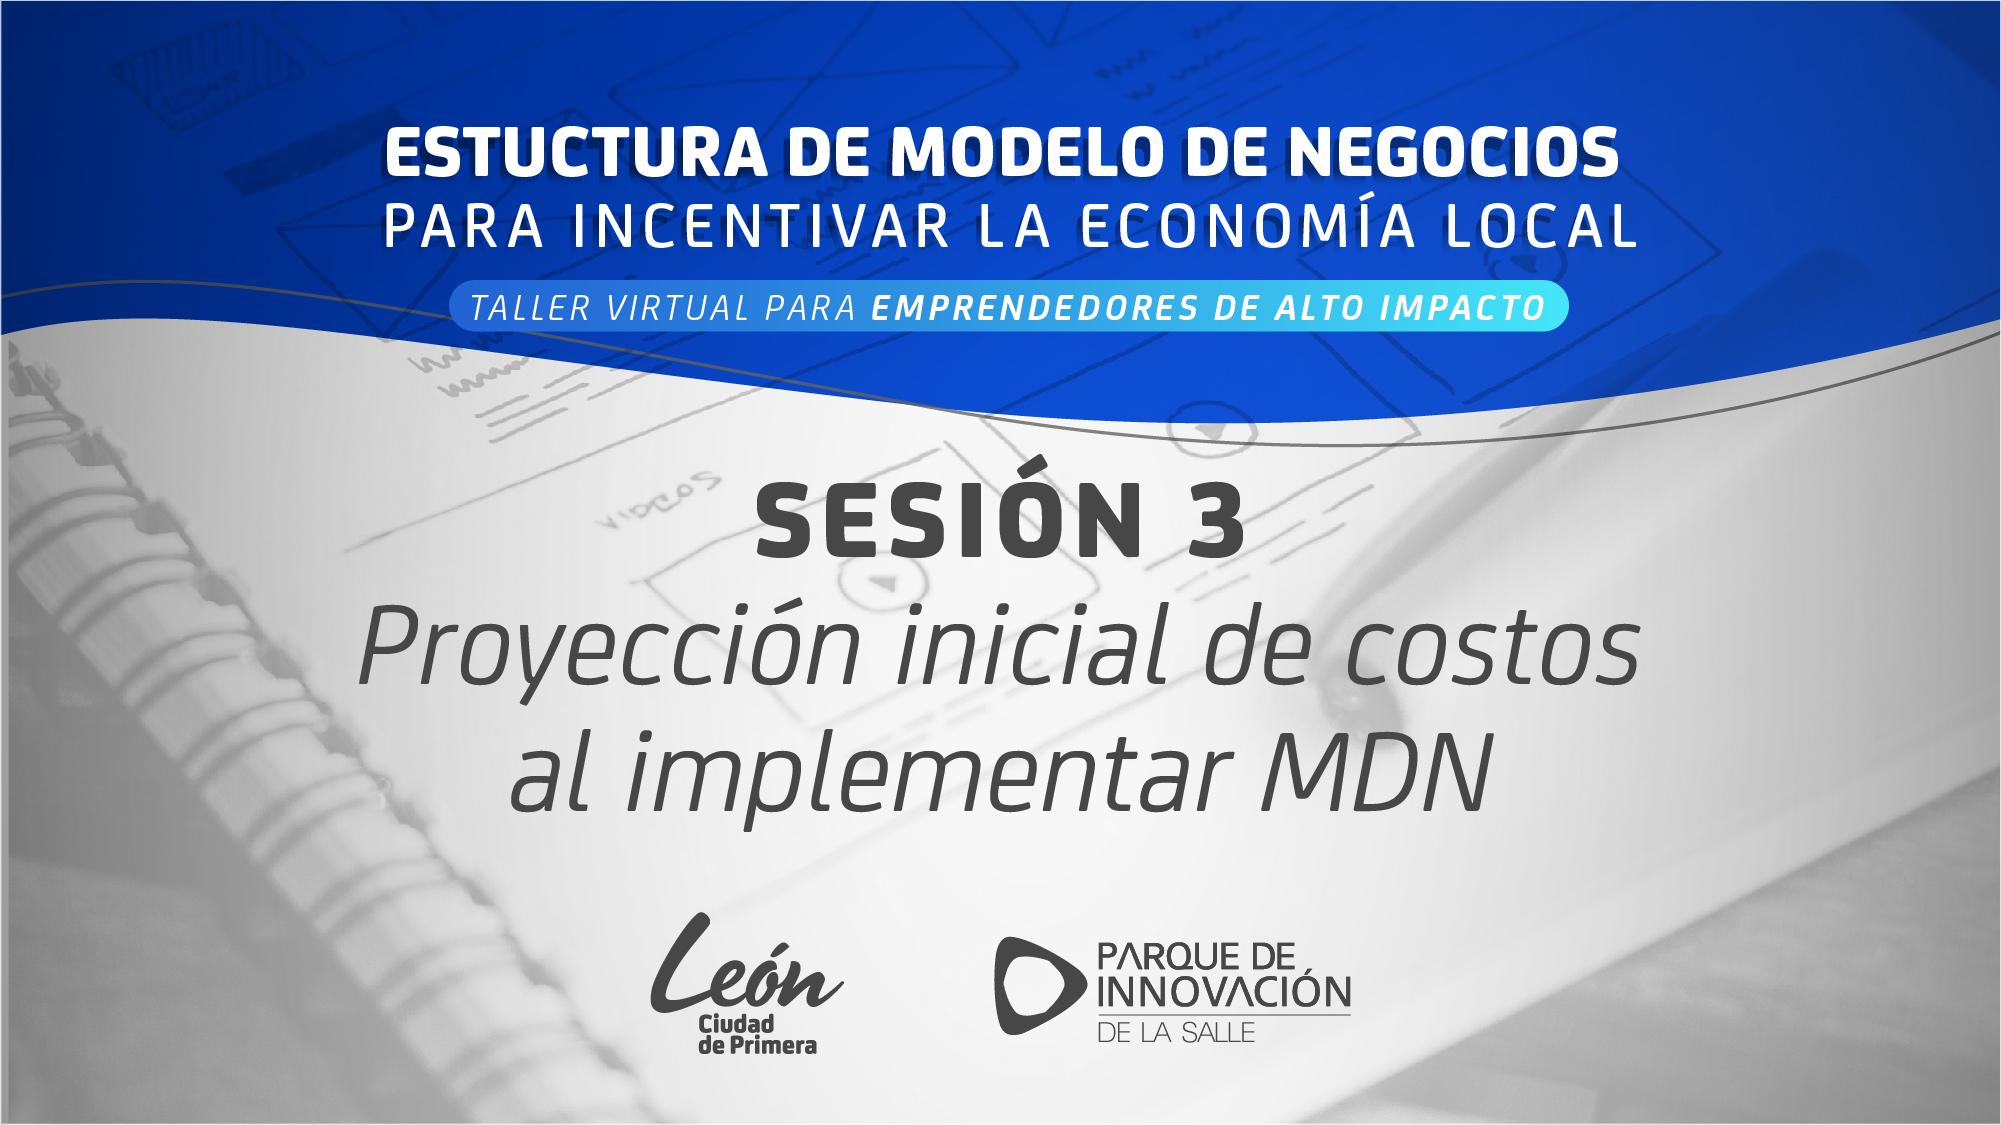 Estructura de modelo de negocios sesión 3